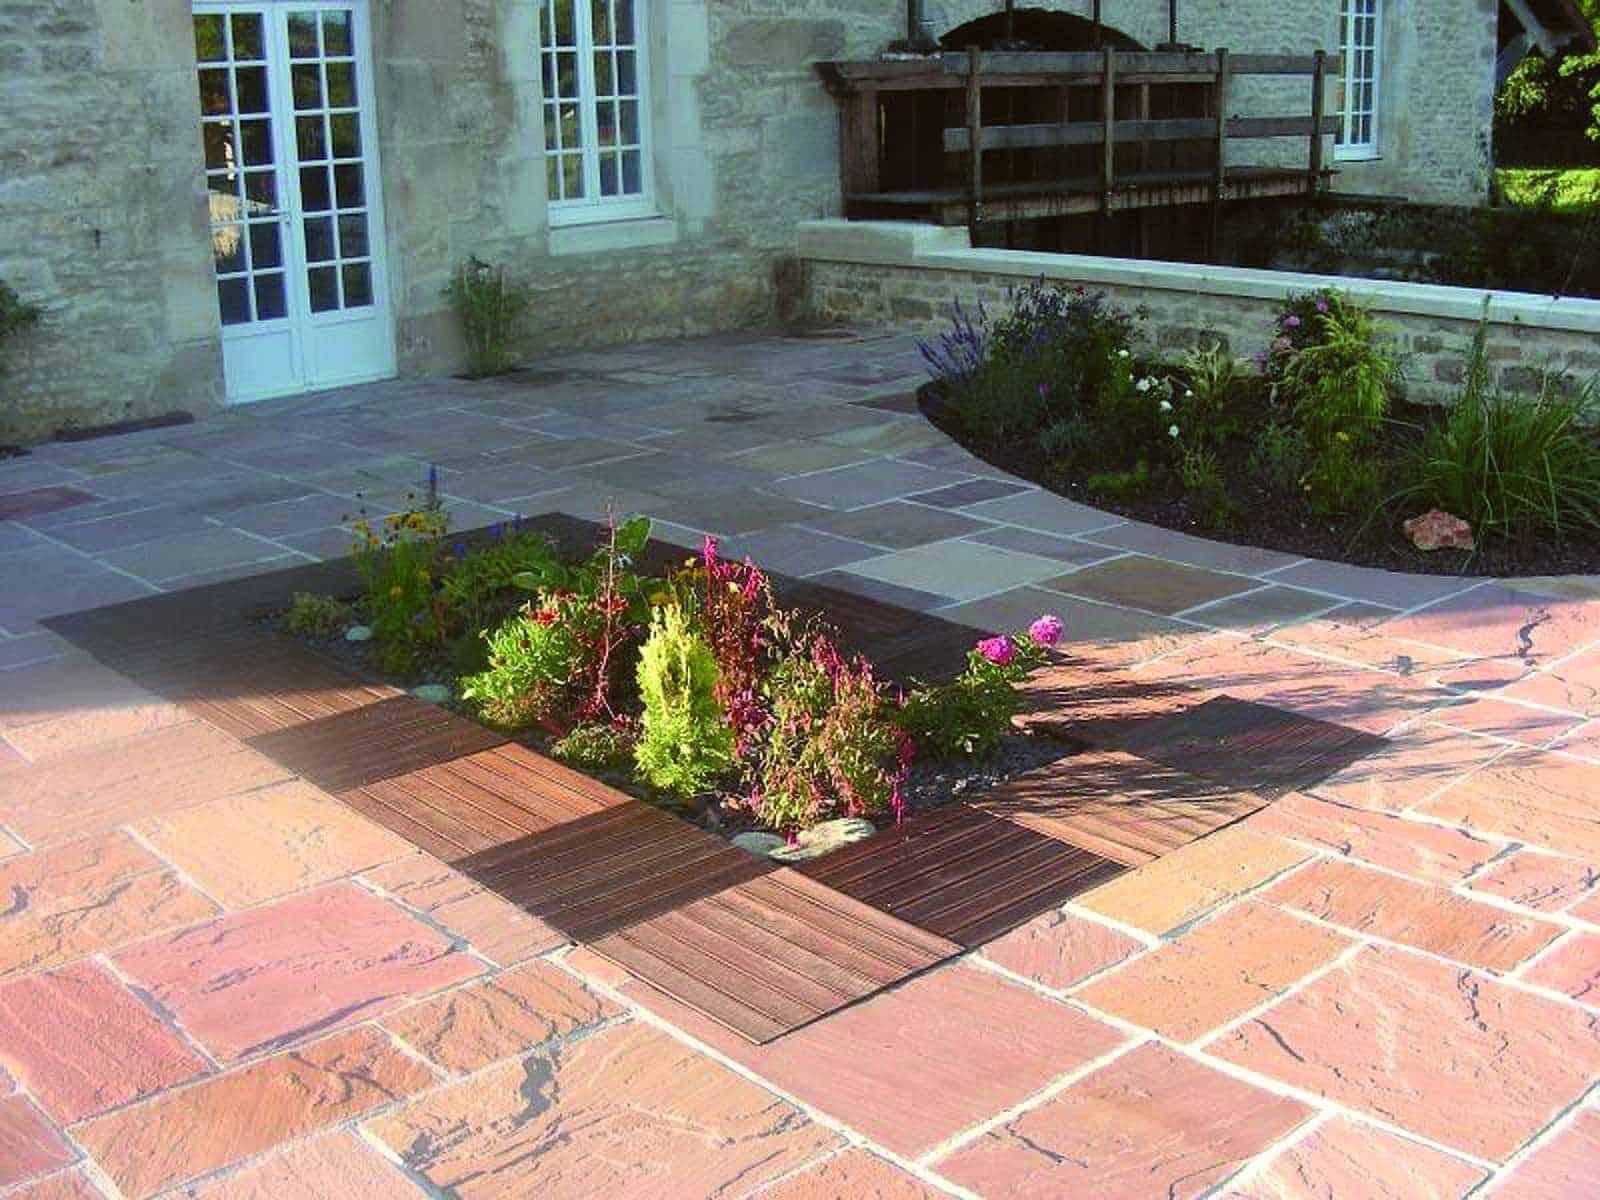 Terrassengestaltung an einem Landgut - Anwendungsbeispiel mit Terrassenplatten aus Sandstein